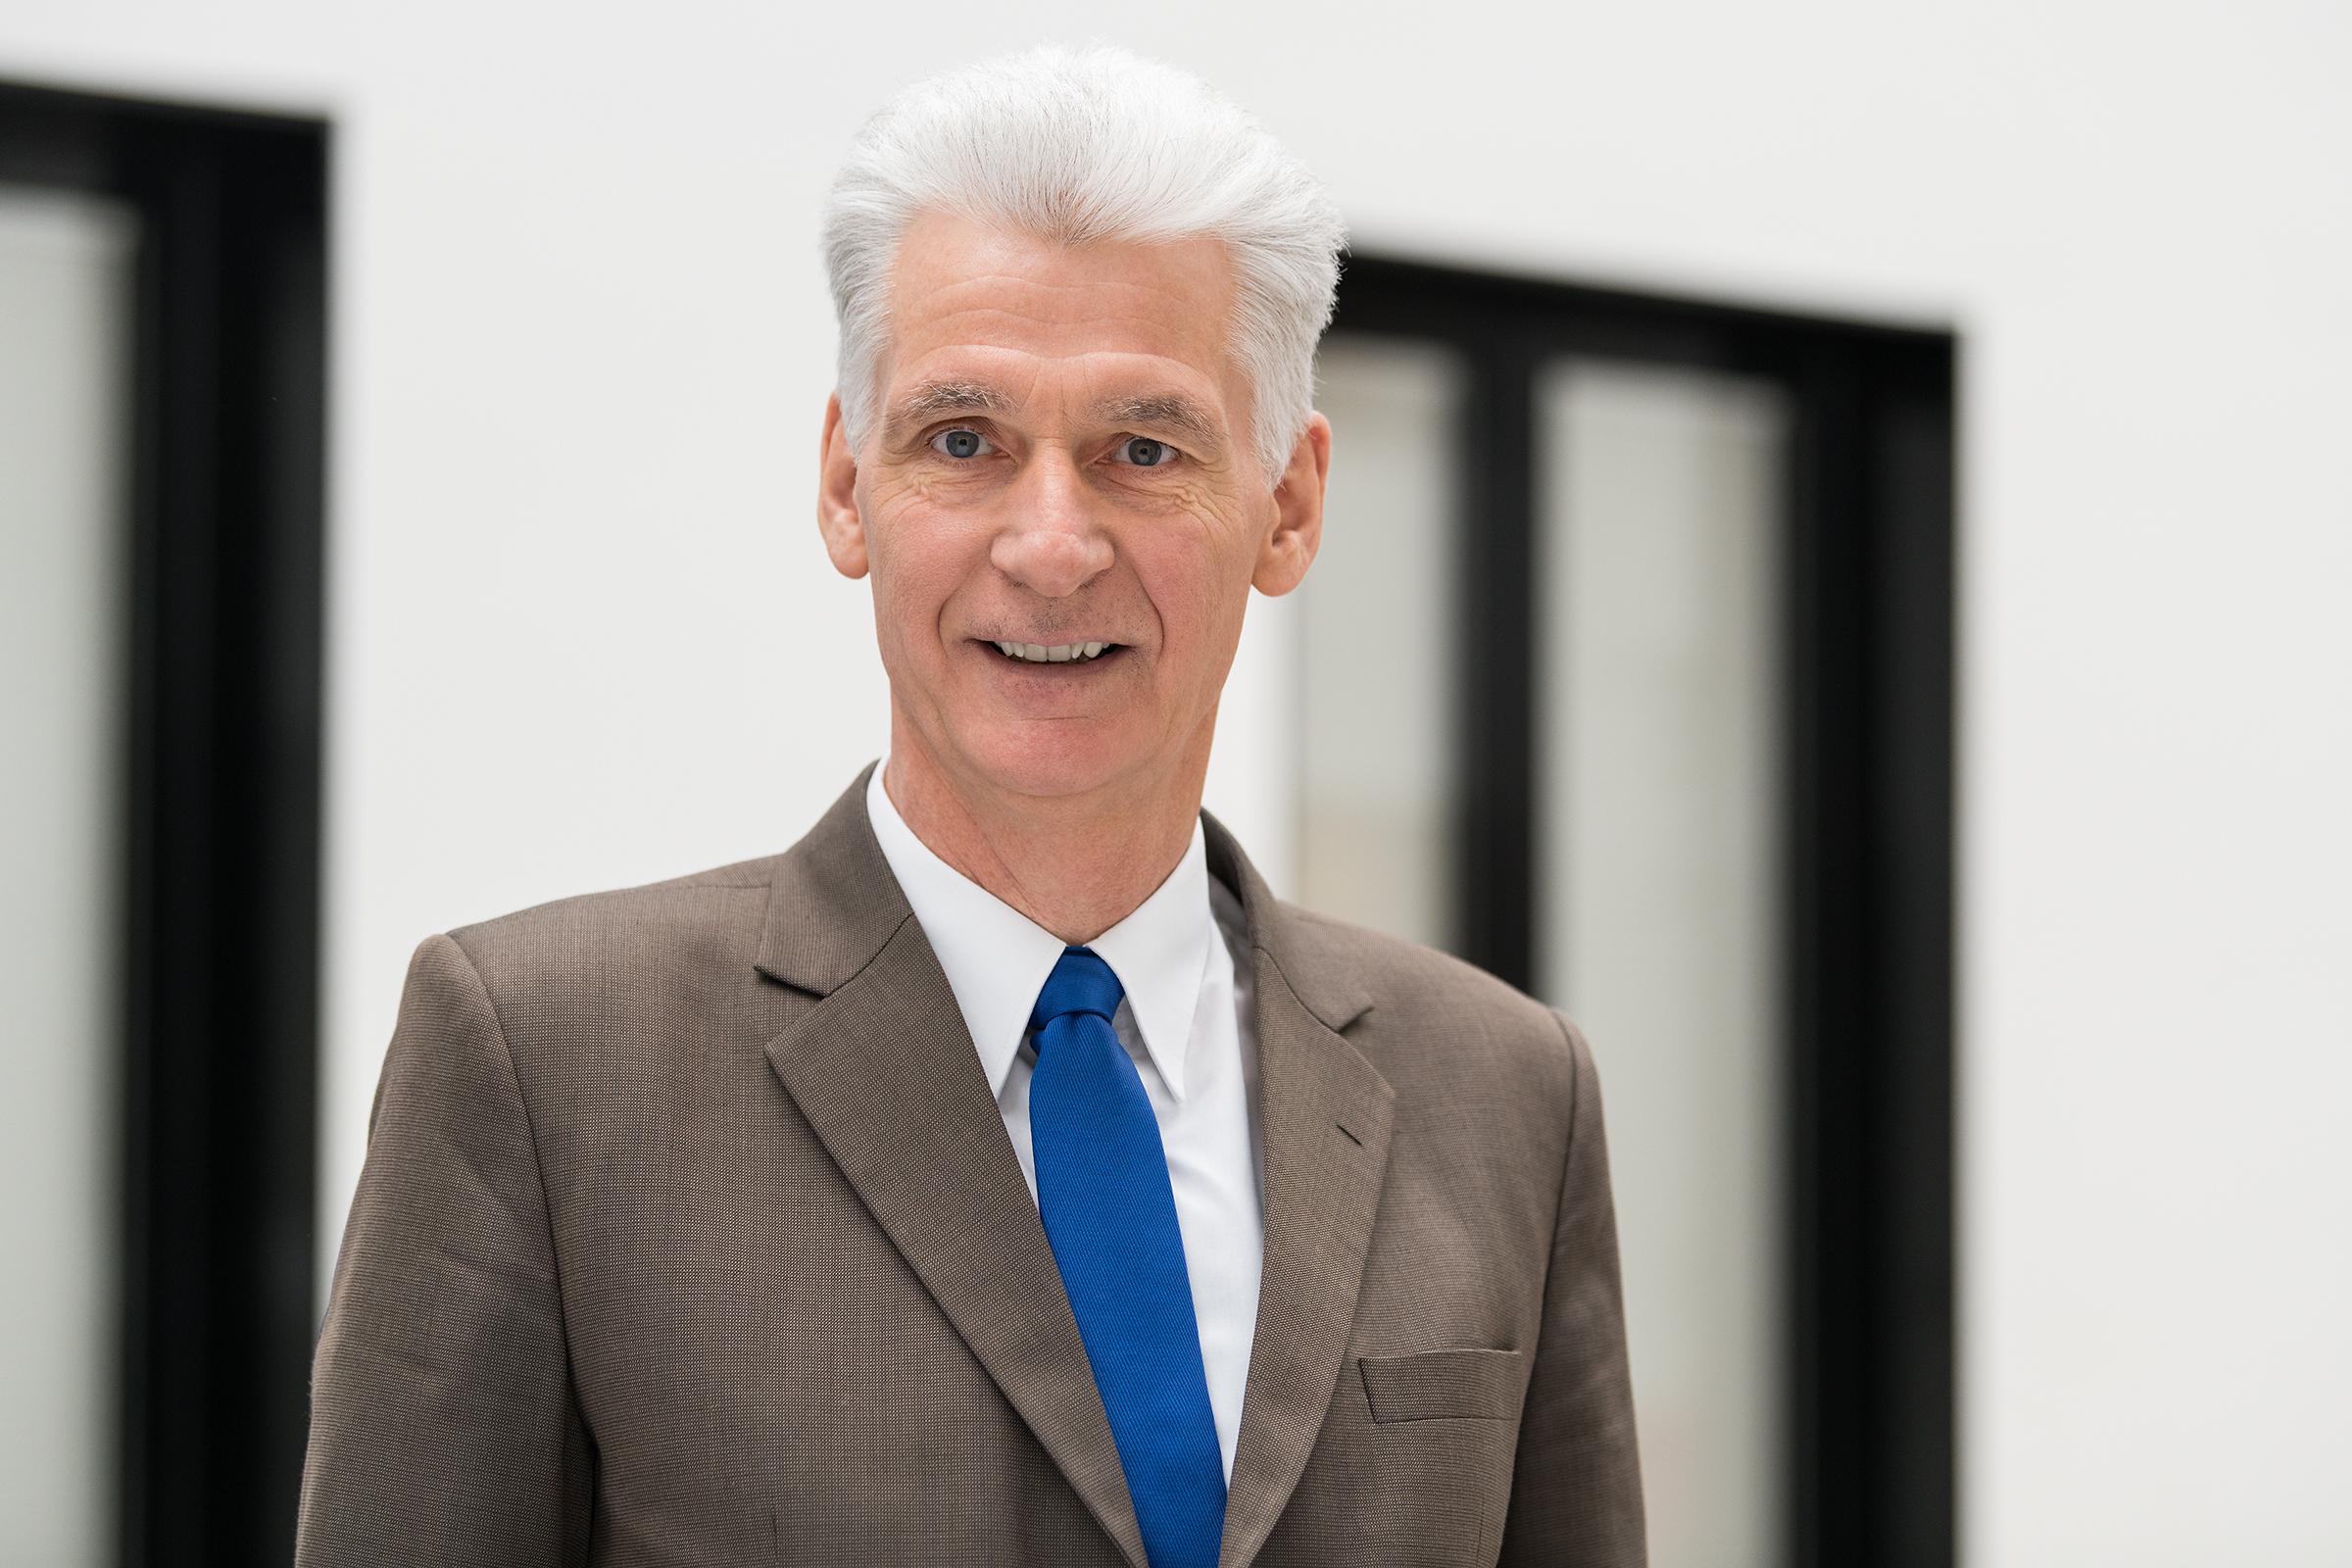 Duitse staatssecretaris op bezoek in Euregio Maas-Rijn